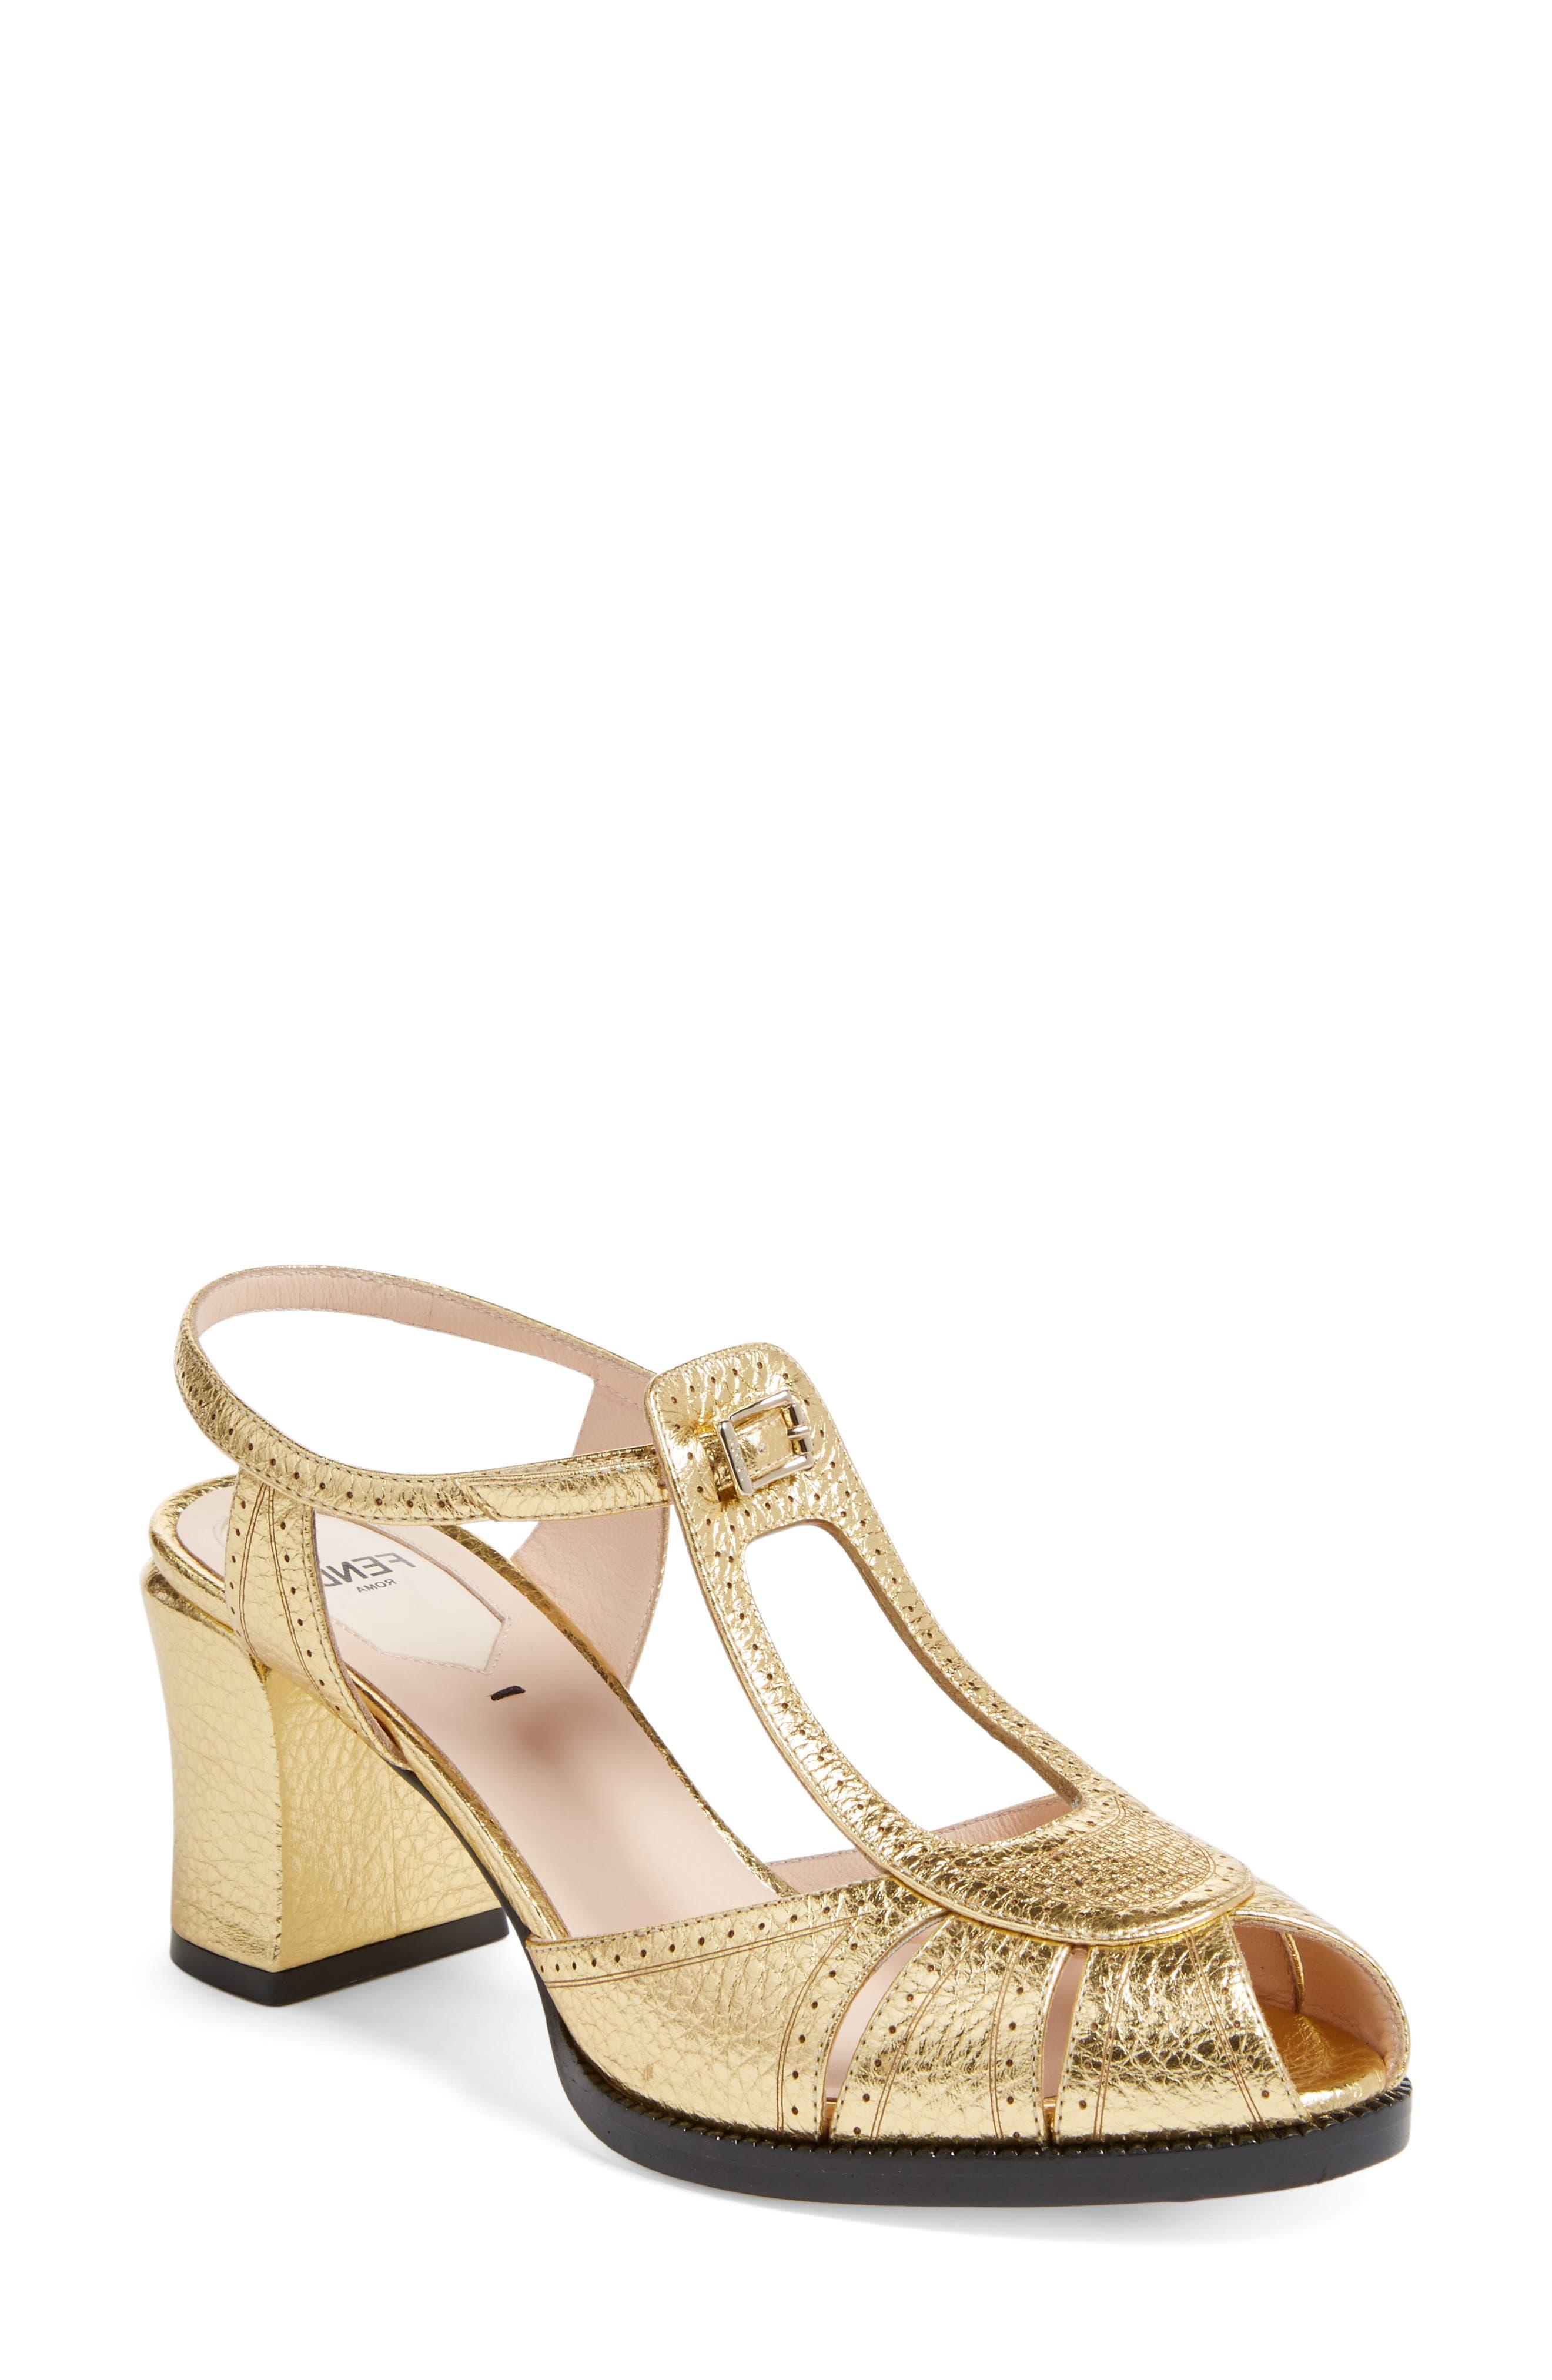 Alternate Image 1 Selected - Fendi Chameleon Leather Sandal (Women)